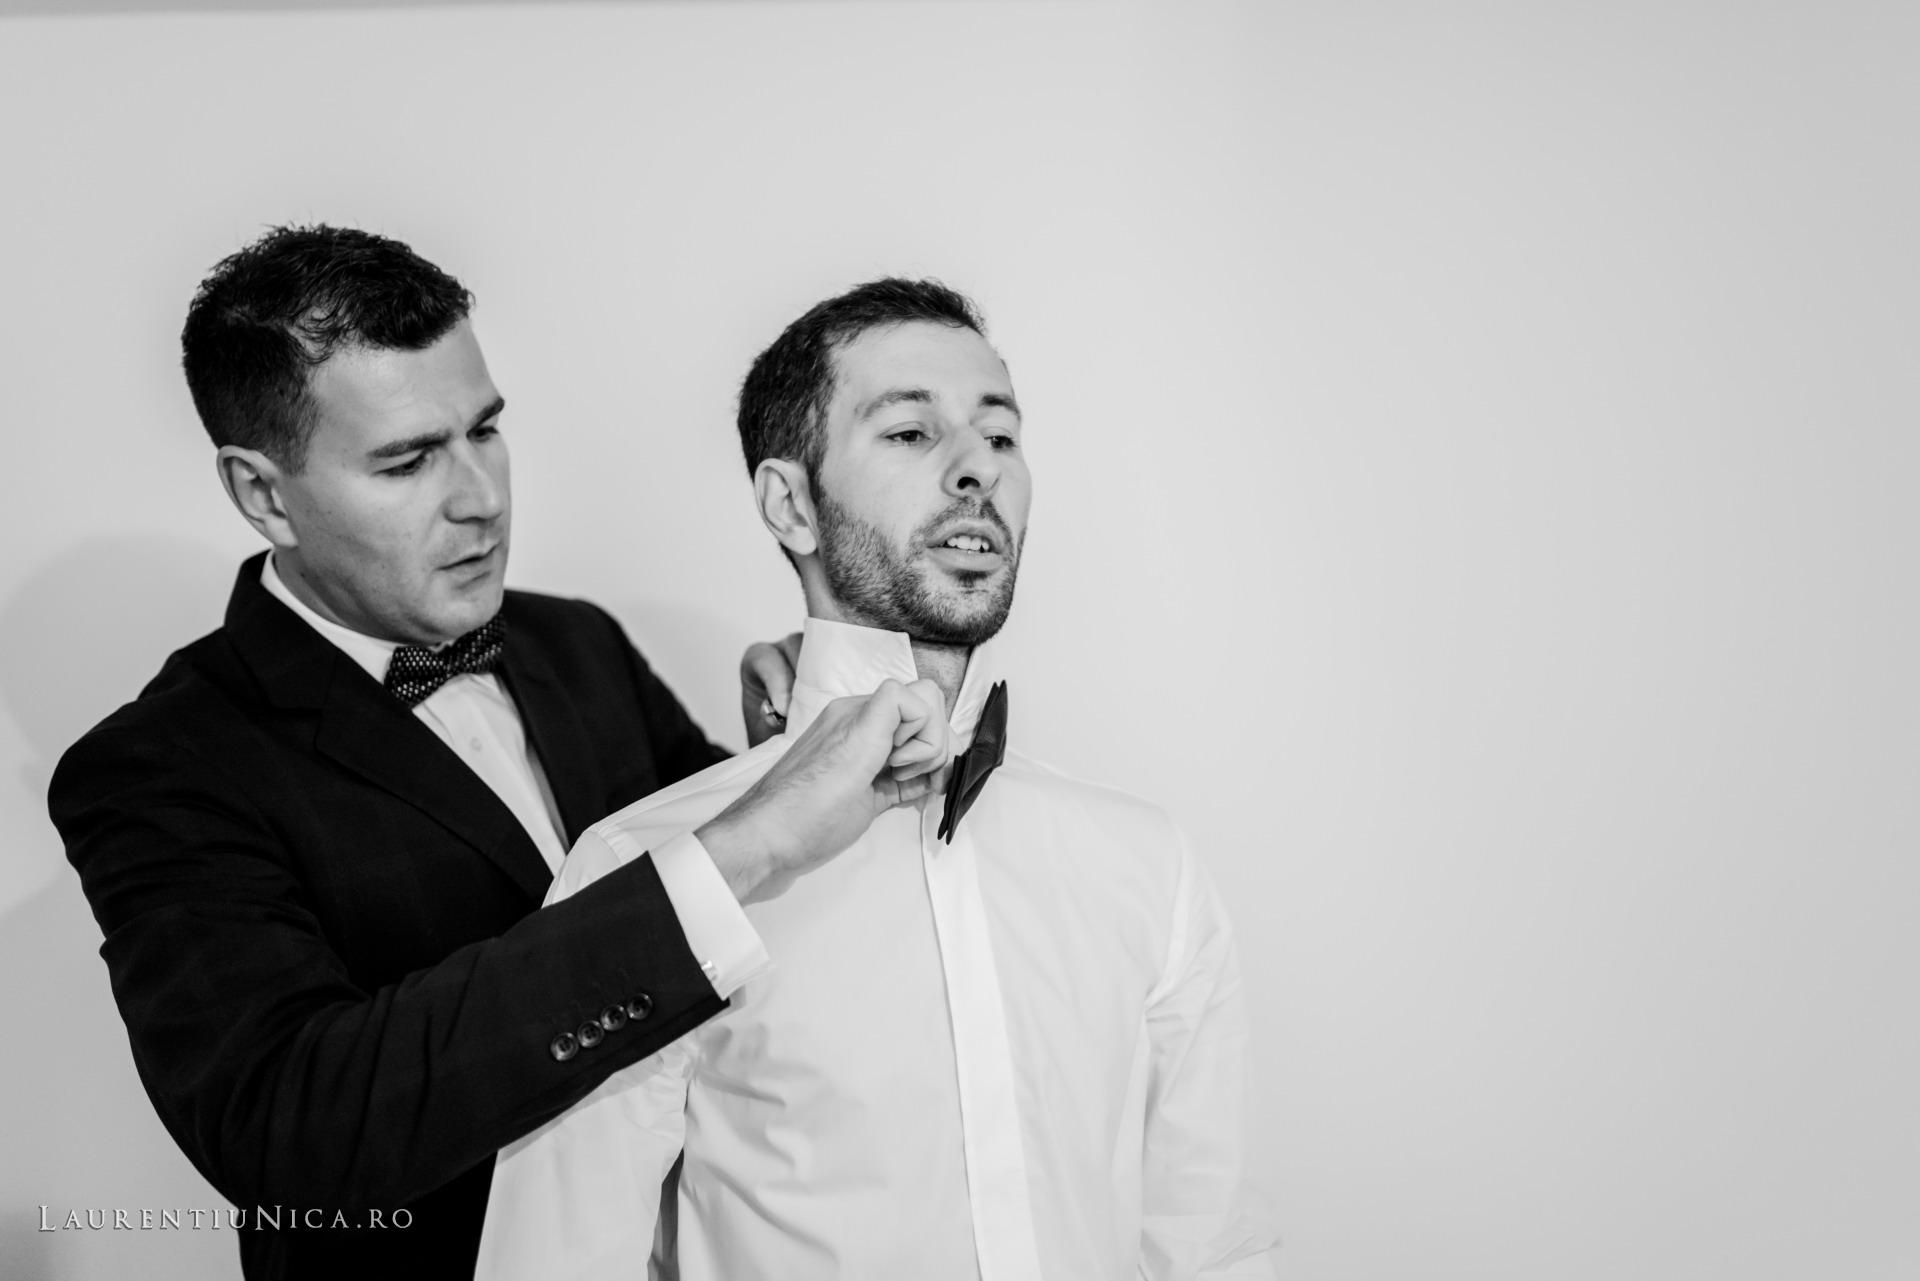 carolina si sorin craiova fotograf nunta laurentiu nica08 - Carolina & Sorin | Fotografii nunta